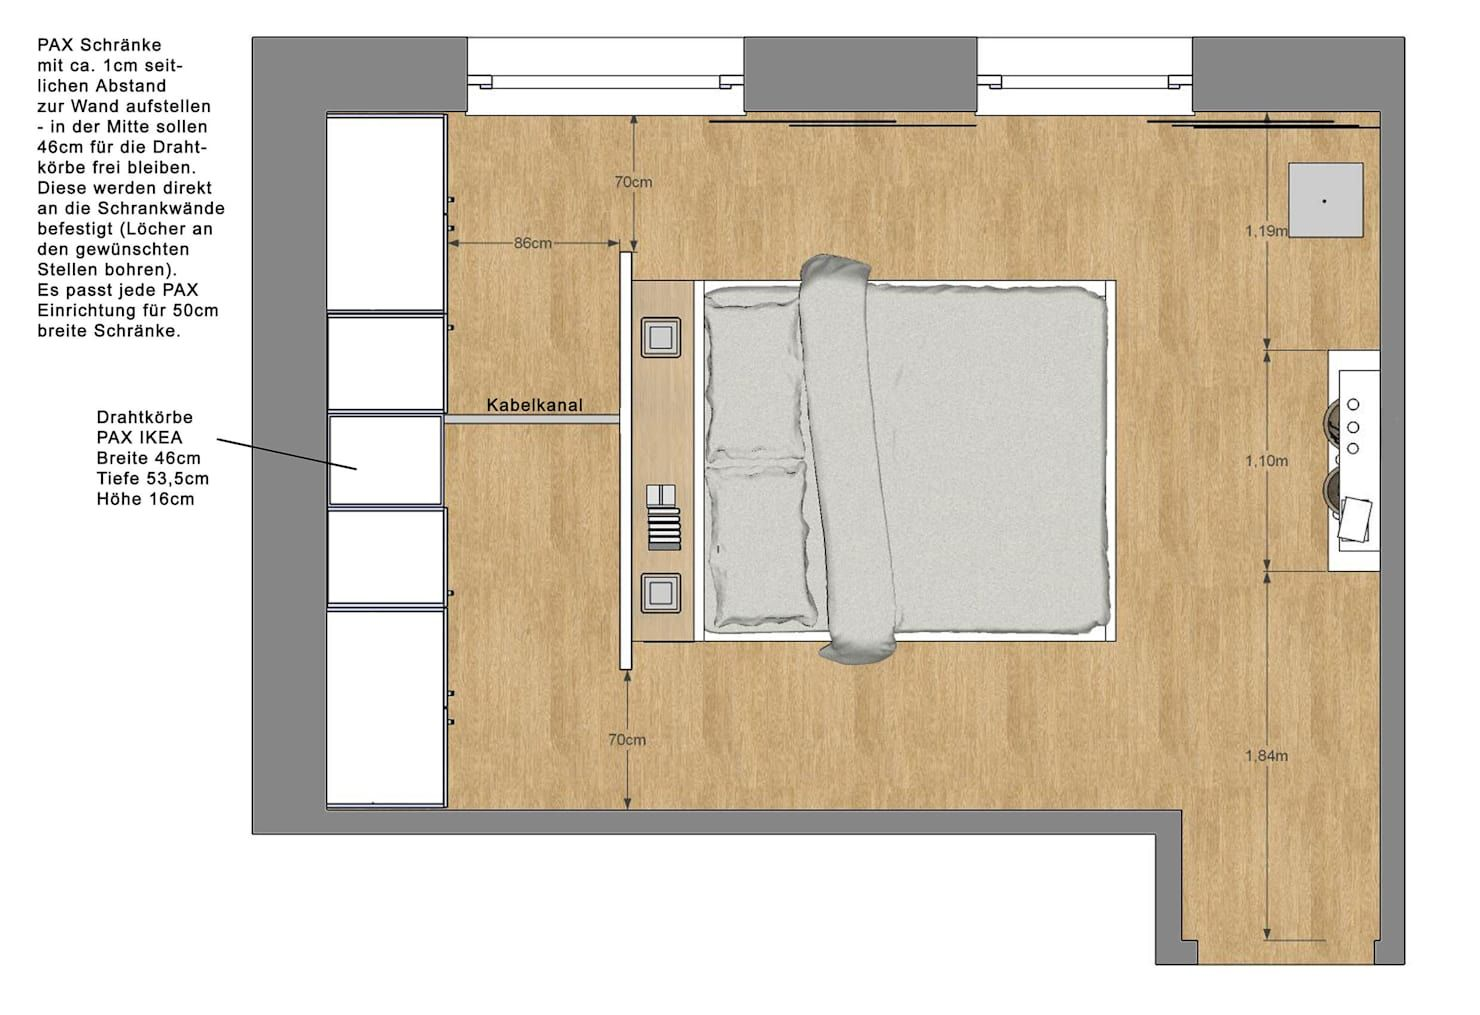 Schlafzimmer Wohnung P Raumteiler Kleiner Schrank Design